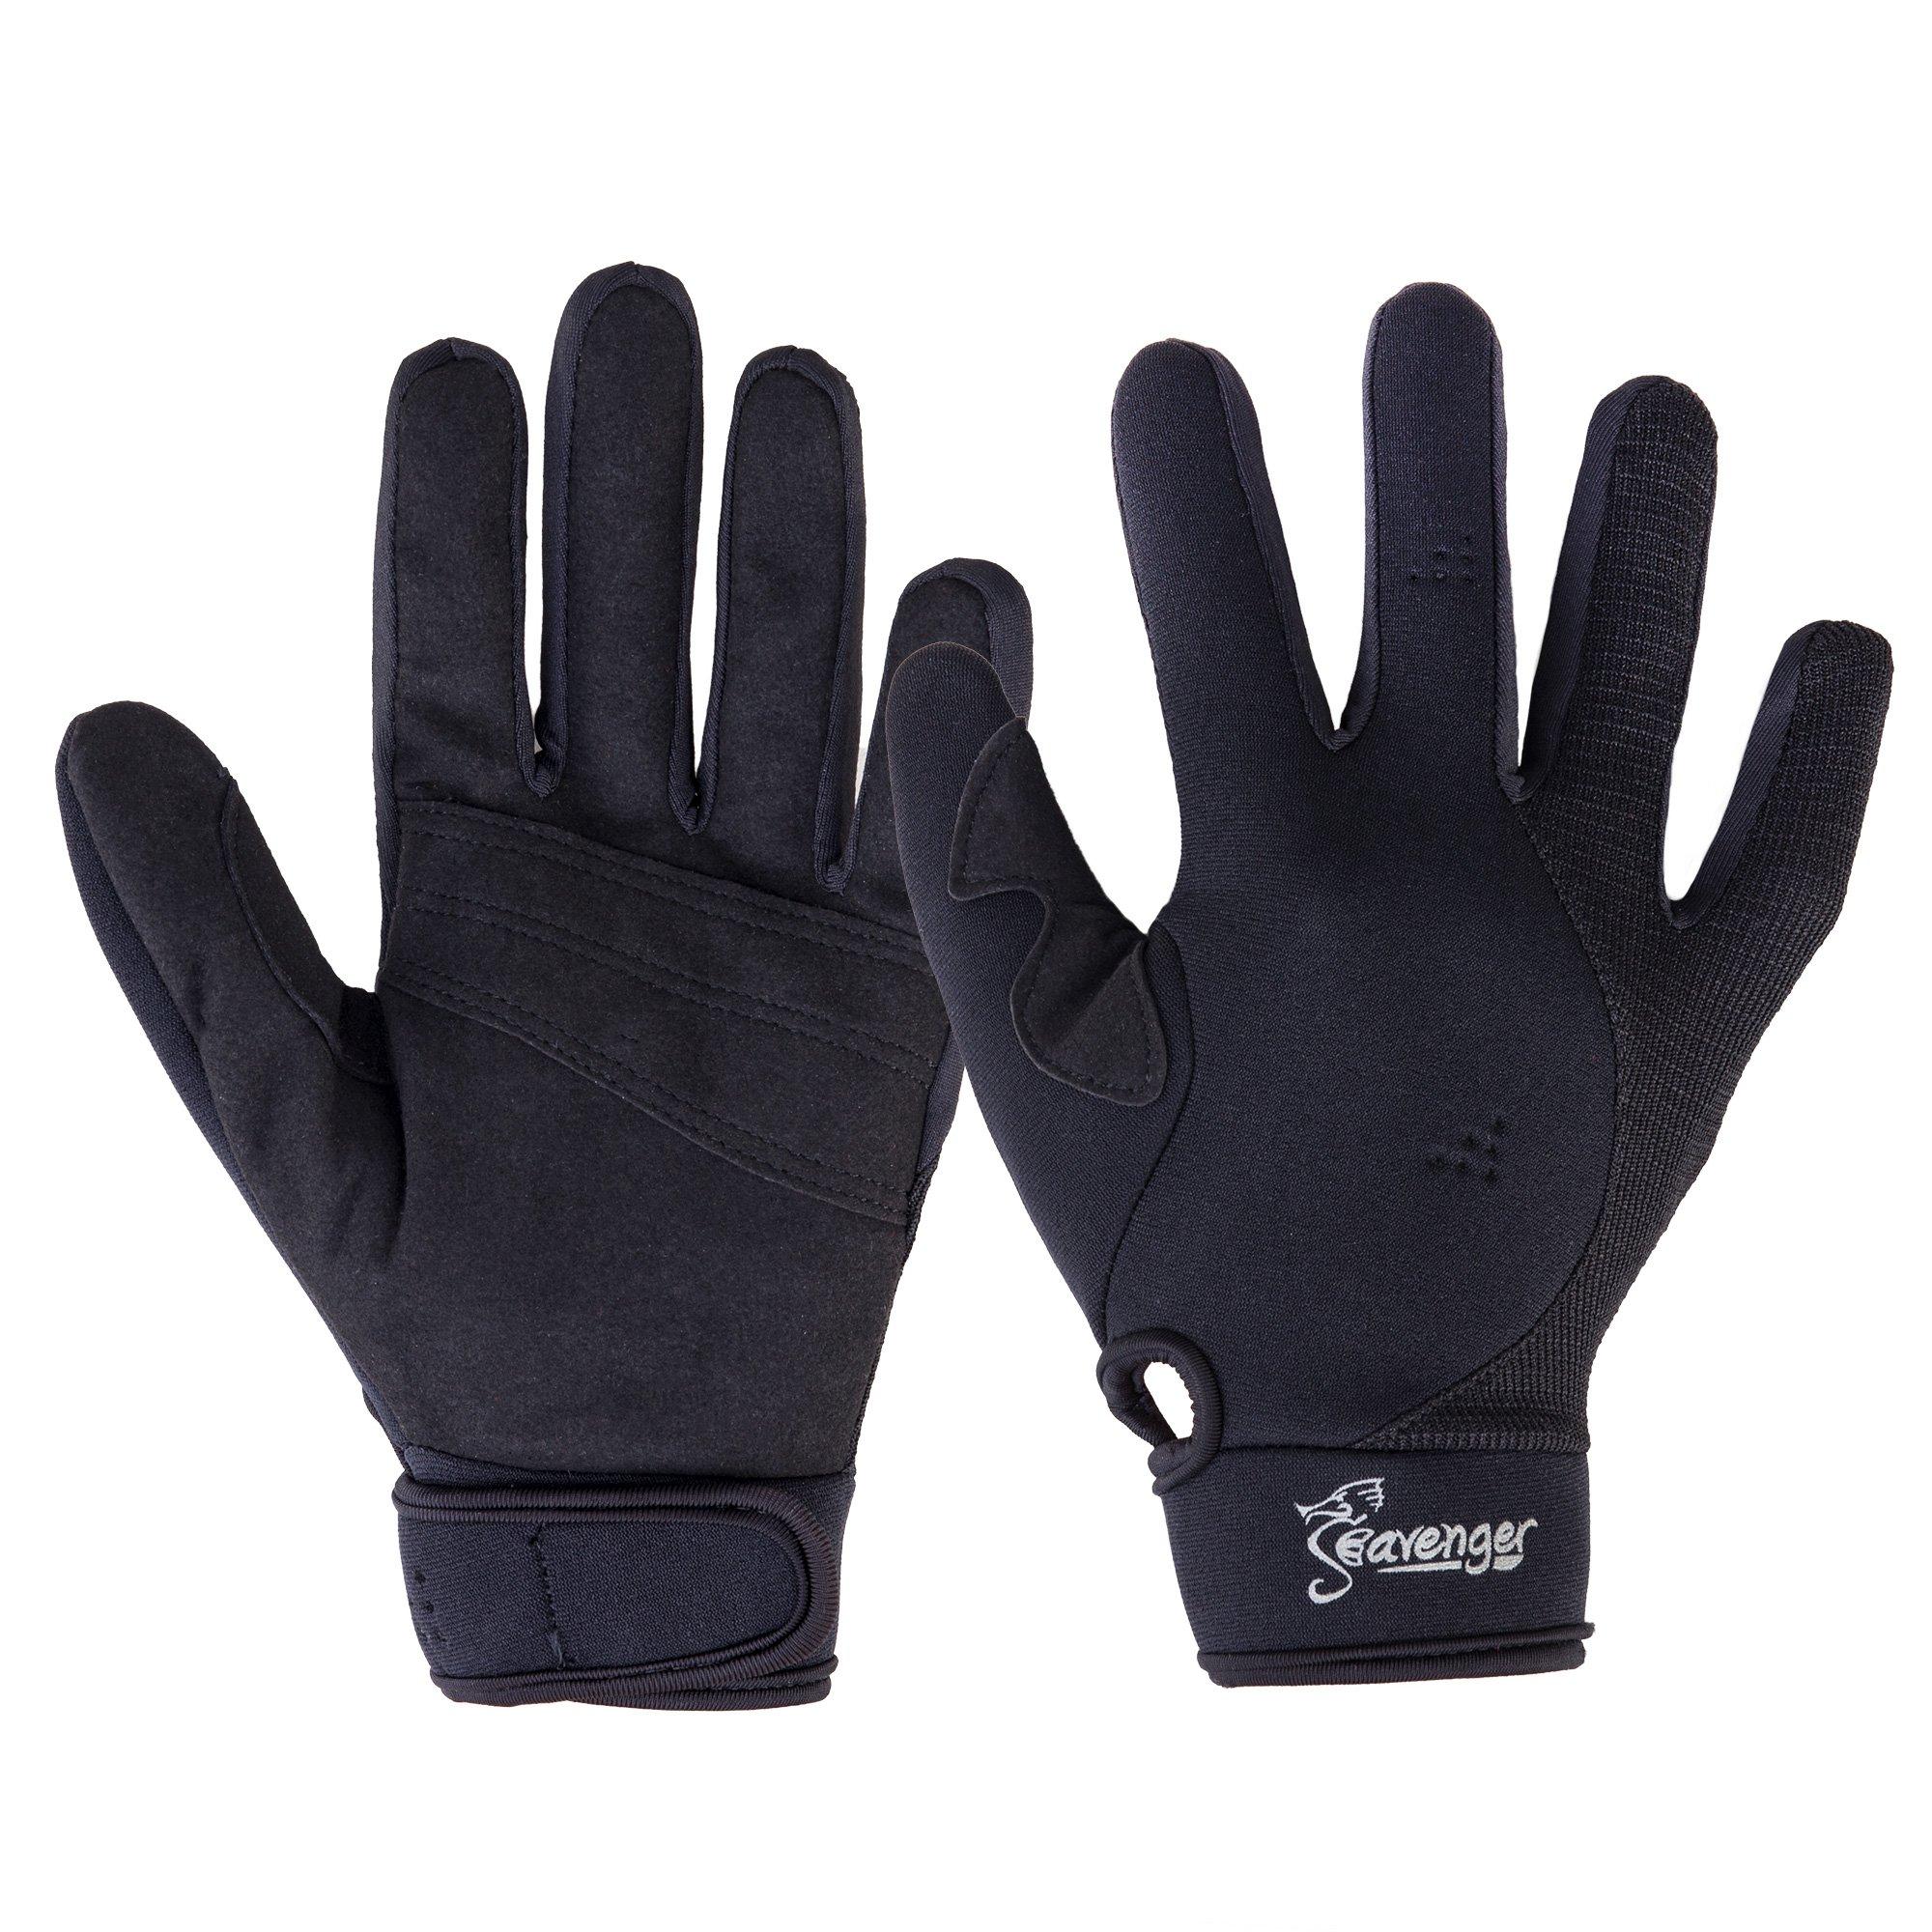 Seavenger Abyss Dive Gloves   1.5mm Neoprene Mesh   Scuba Diving, Wakeboarding, Spearfishing (Black, X-Small) by Seavenger